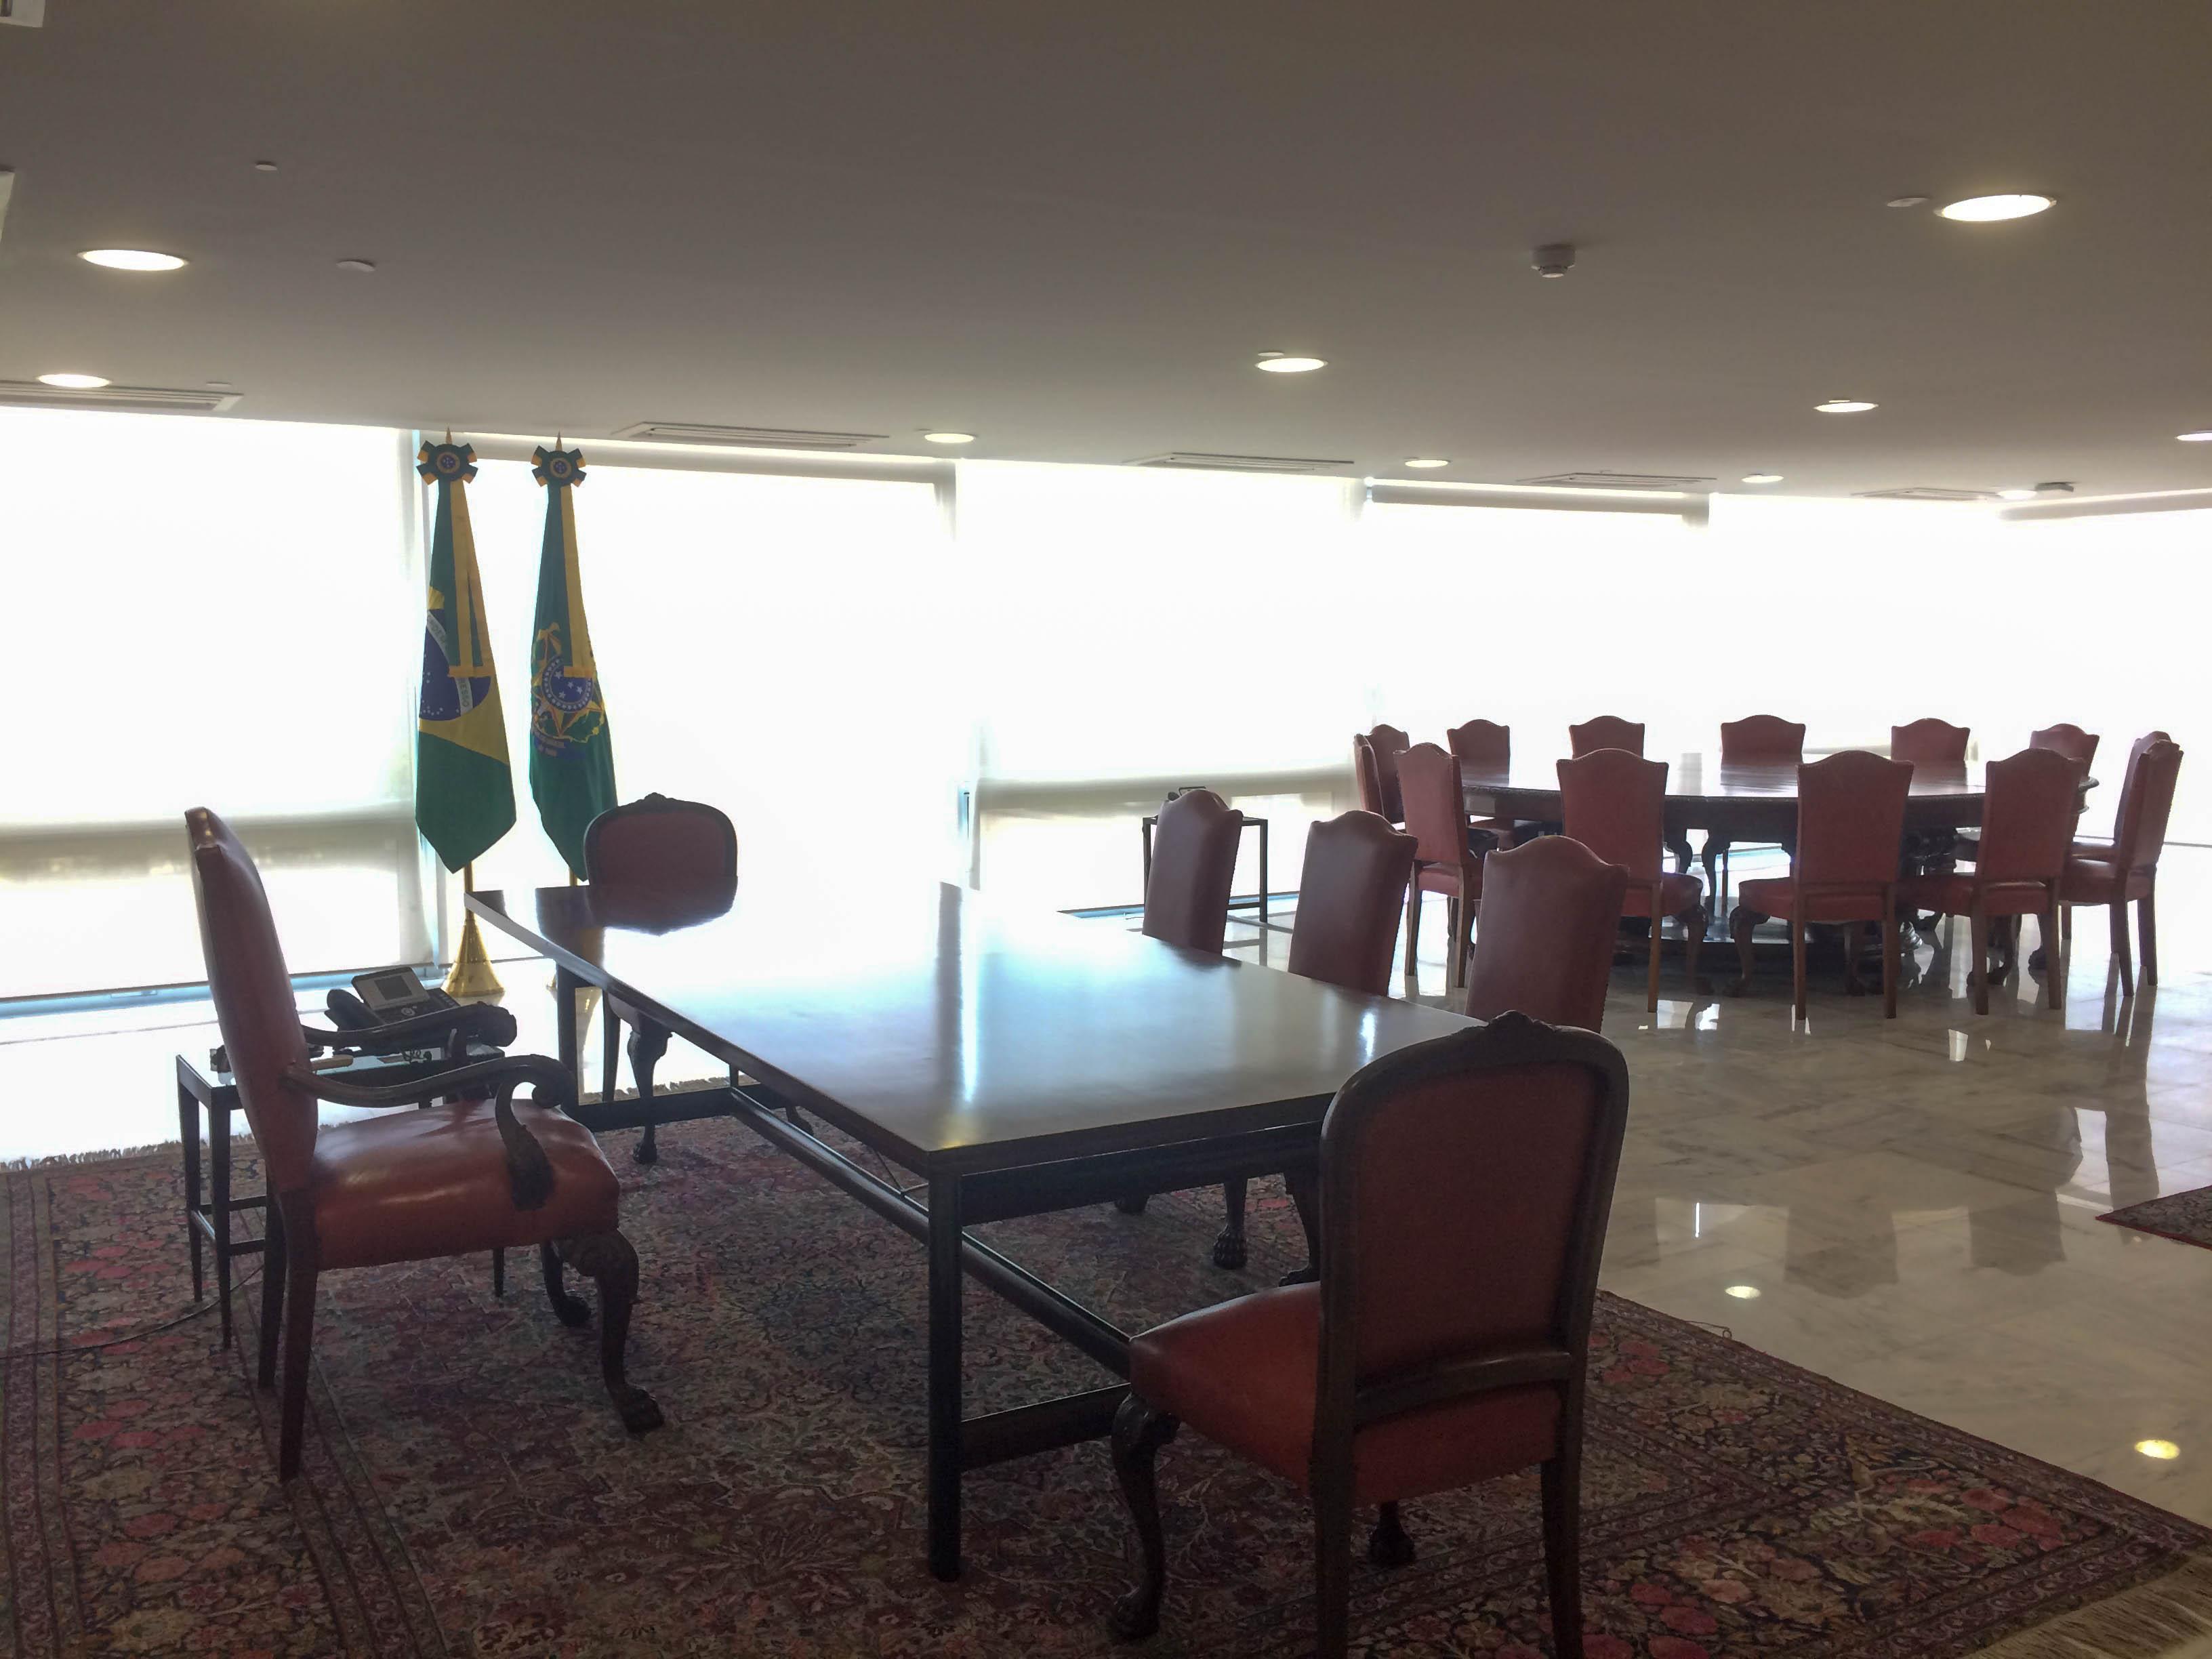 Visita ao Palácio do Planalto O gabinete presidencial. Até que é bem simples né?